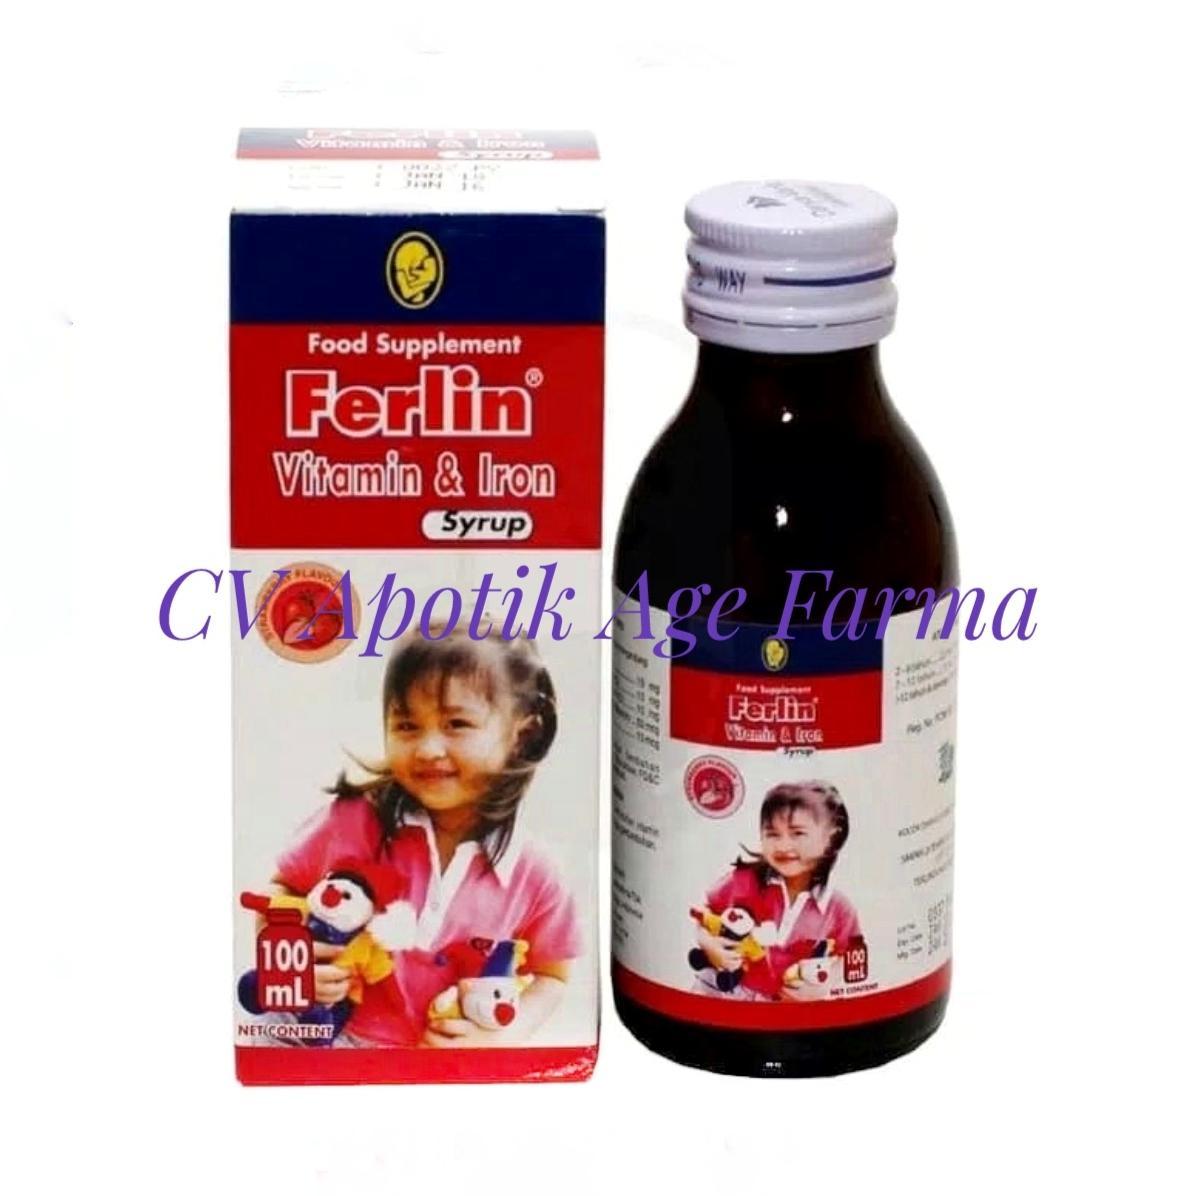 Jual Biostrum Syrup 100 Murah Garansi Dan Berkualitas Id Store Apialyst 100ml Botol Rp 40000